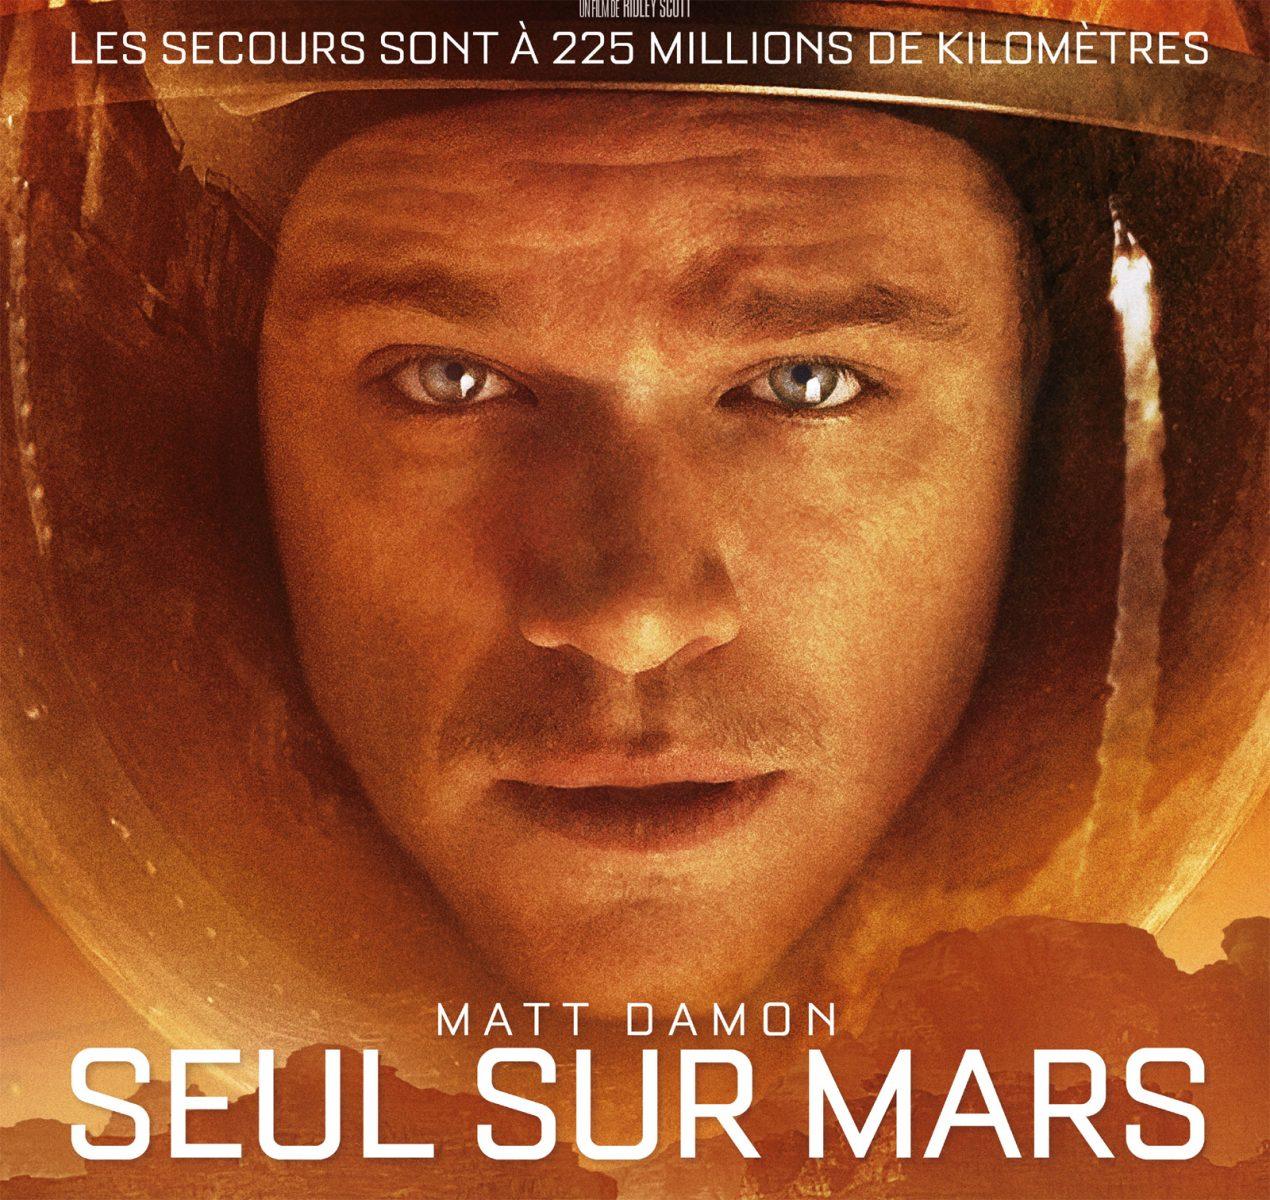 Cinéma plein air à Metz : la séance «Seul sur Mars» reportée